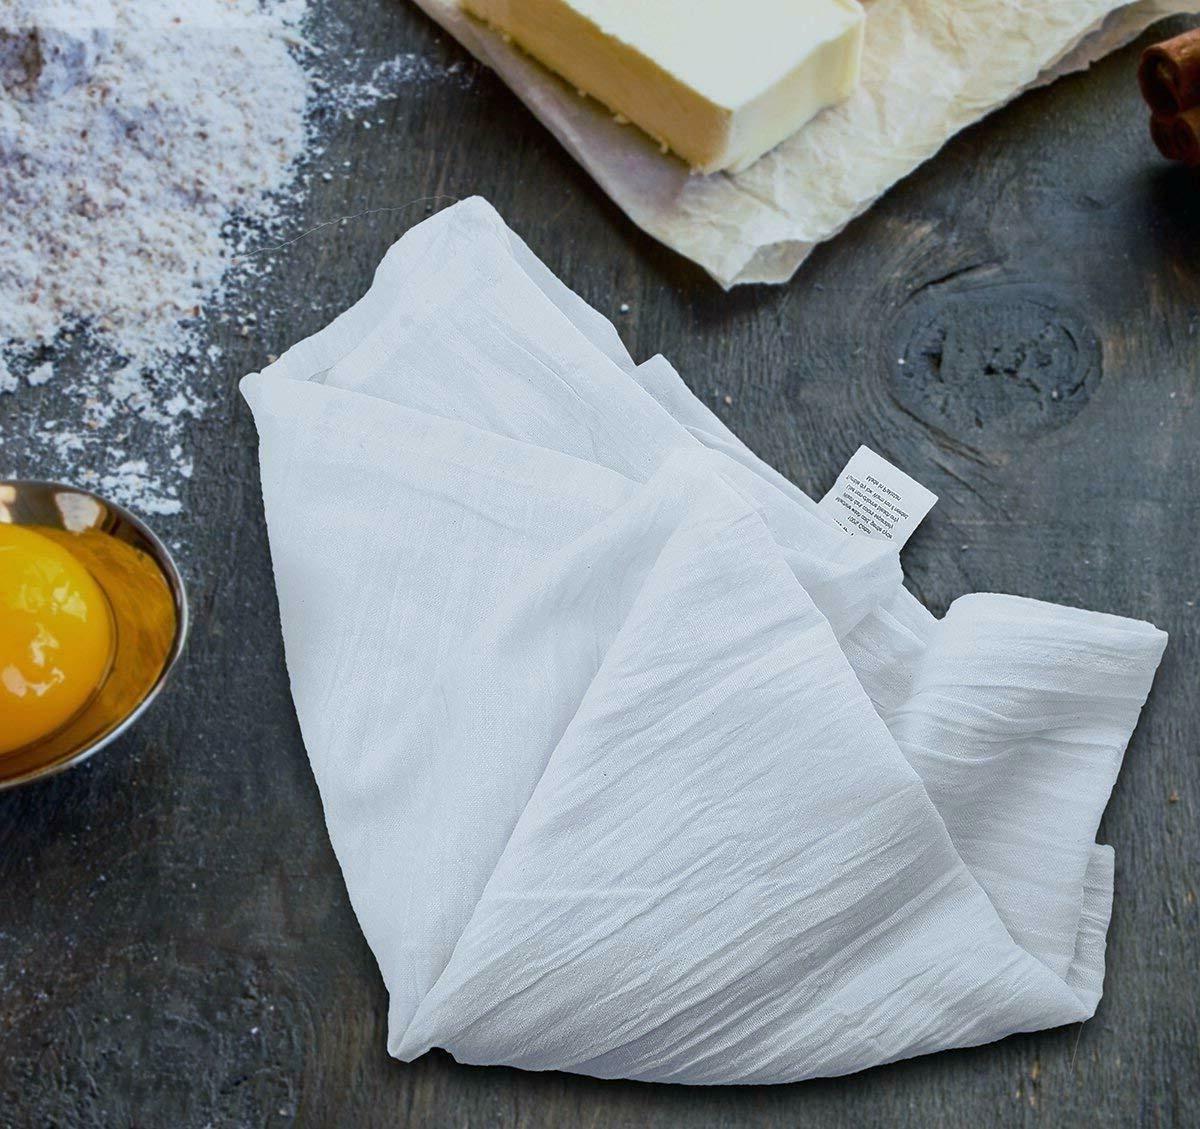 Utopia Kitchen 12 Pack Flour-Sack Towels100% Spun Cotton